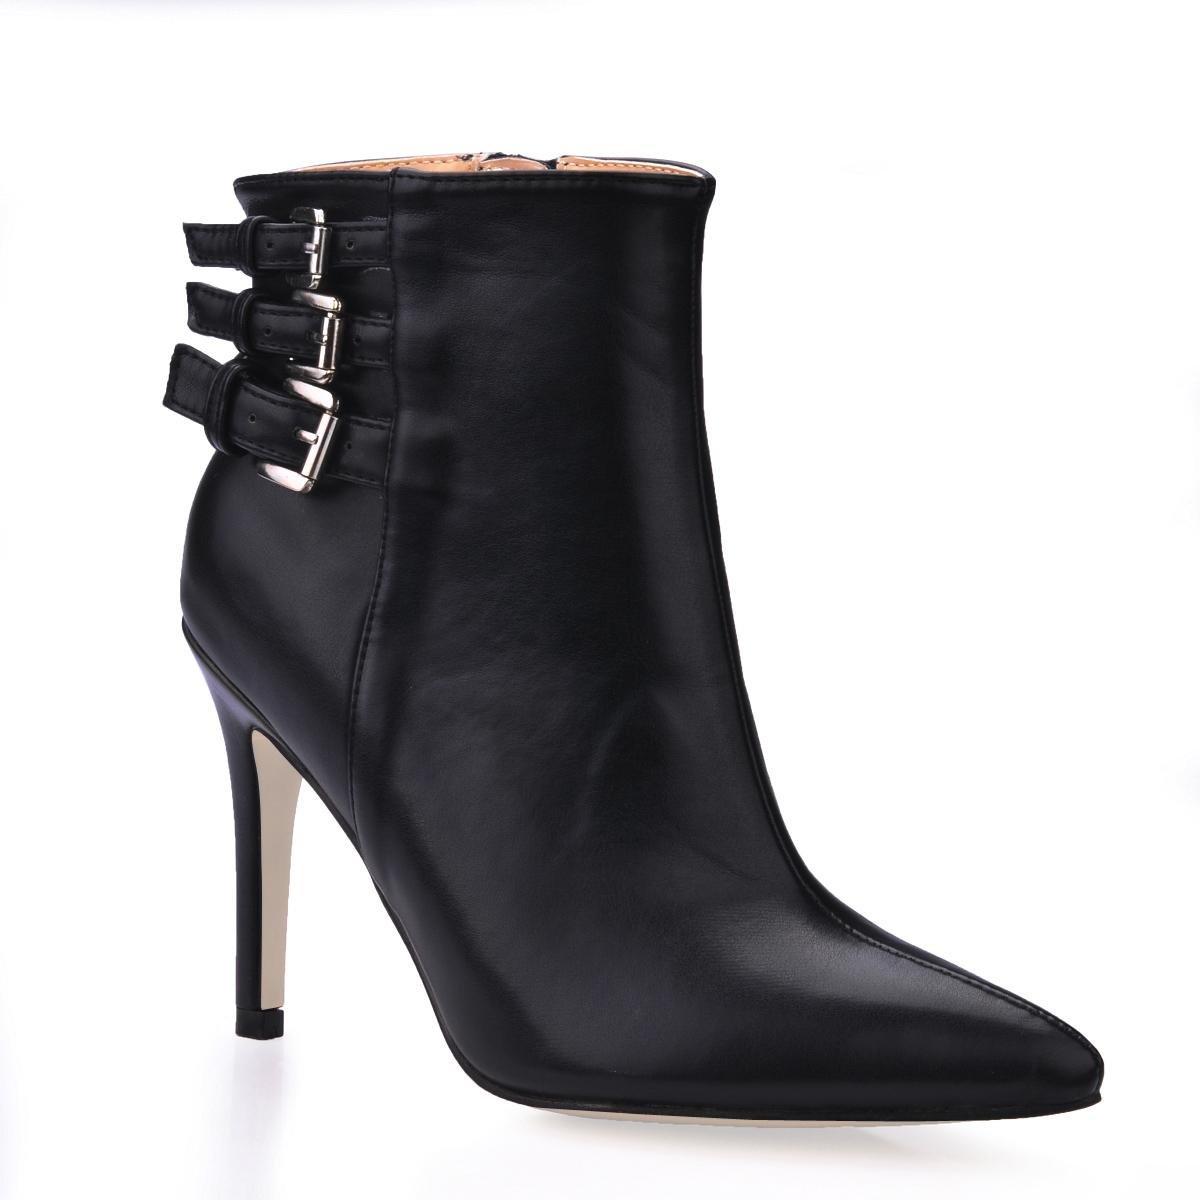 KUKIE Best 4U® Damen Stiefel Premium Premium Premium PU 9 7 cm High Heels Stiletto Gummisohle Spitz Zipper Metall Schnalle Herbst Winter Schuhe Schwarz 76626b